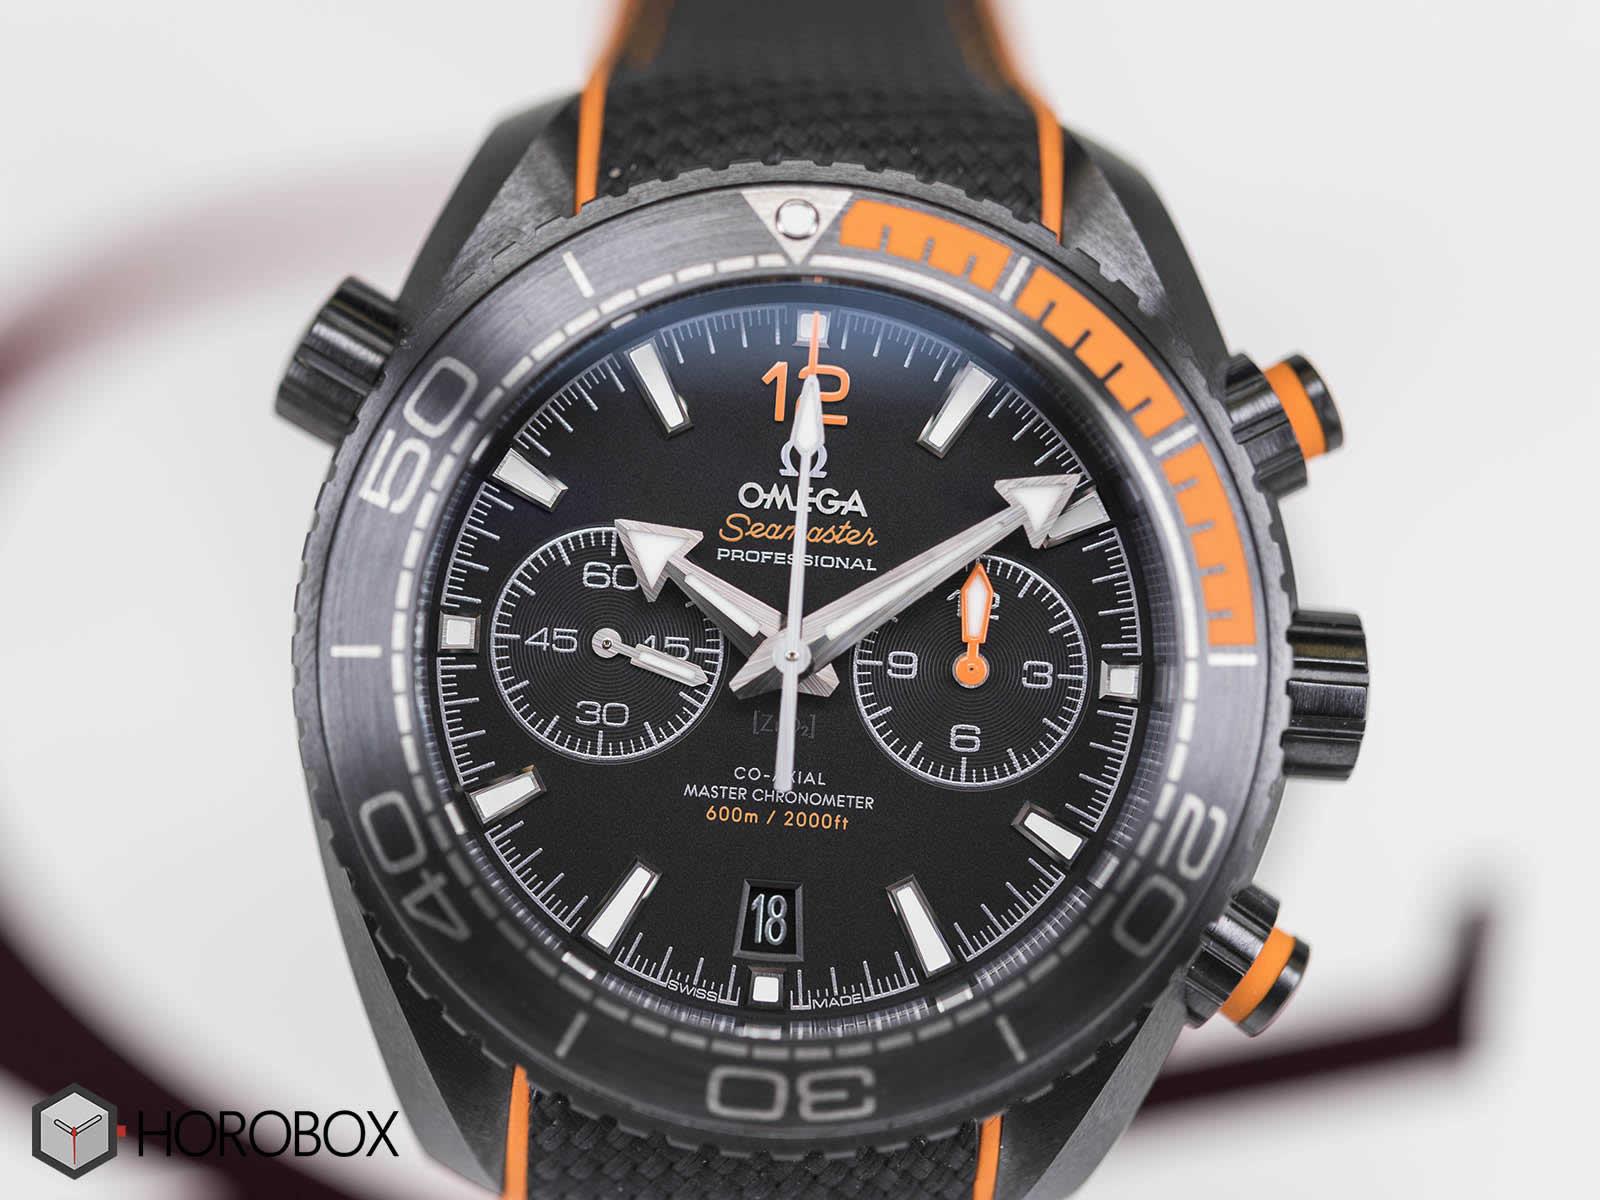 omega-planet-ocean-chronograph-master-chronometer-215-92-46-51-01-001-7-.jpg